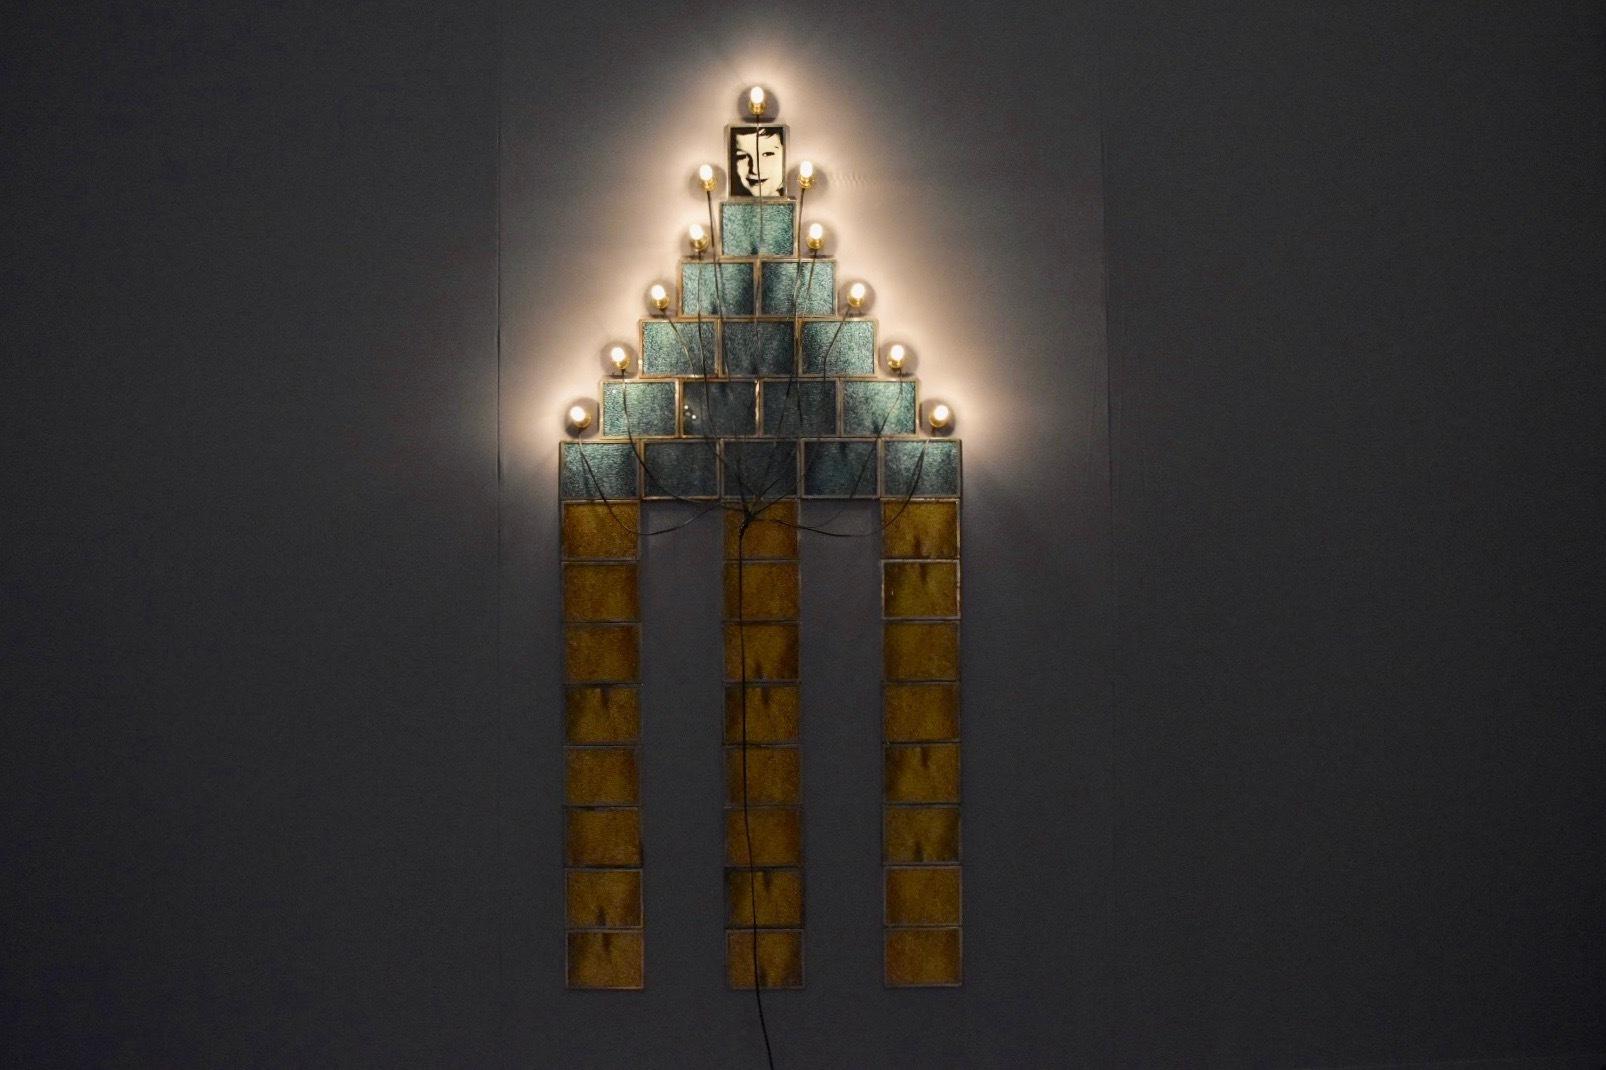 《モニュメント》 1987年 「クリスチャン・ボルタンスキー −Lifetime」展 2019年 国立新美術館展示風景